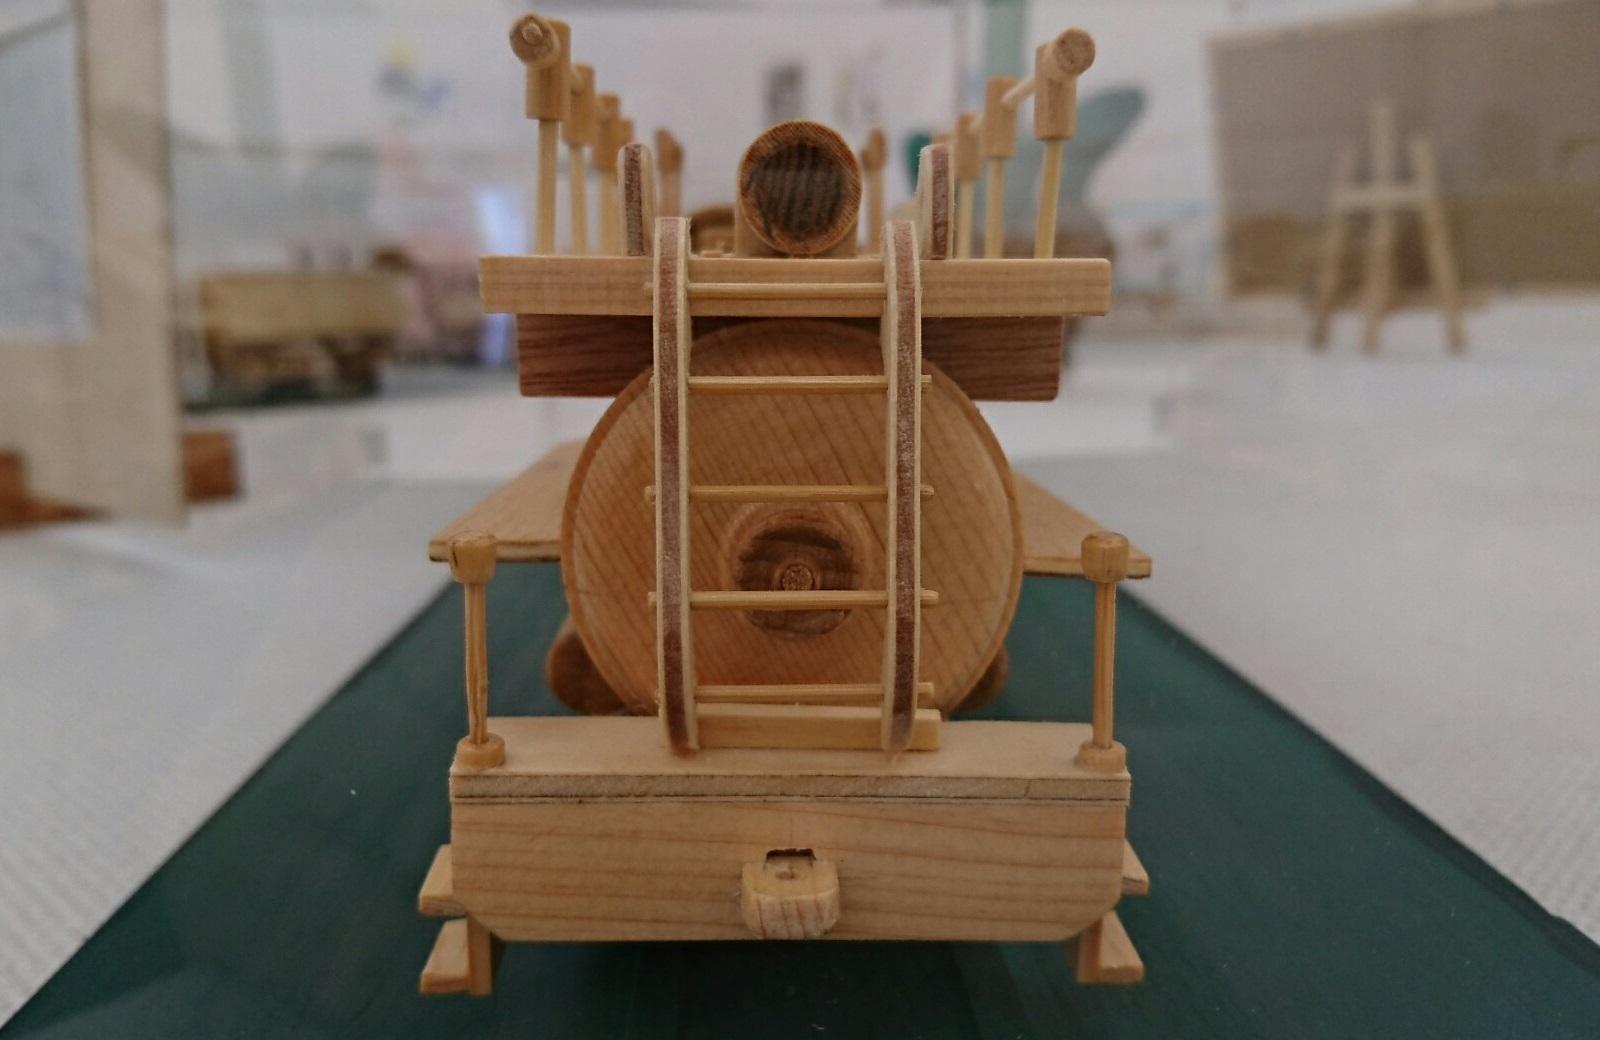 2018.3.24 木工細工蒸気機関車作品展 (8) ブリキのおもちゃ X-324 1600-1040